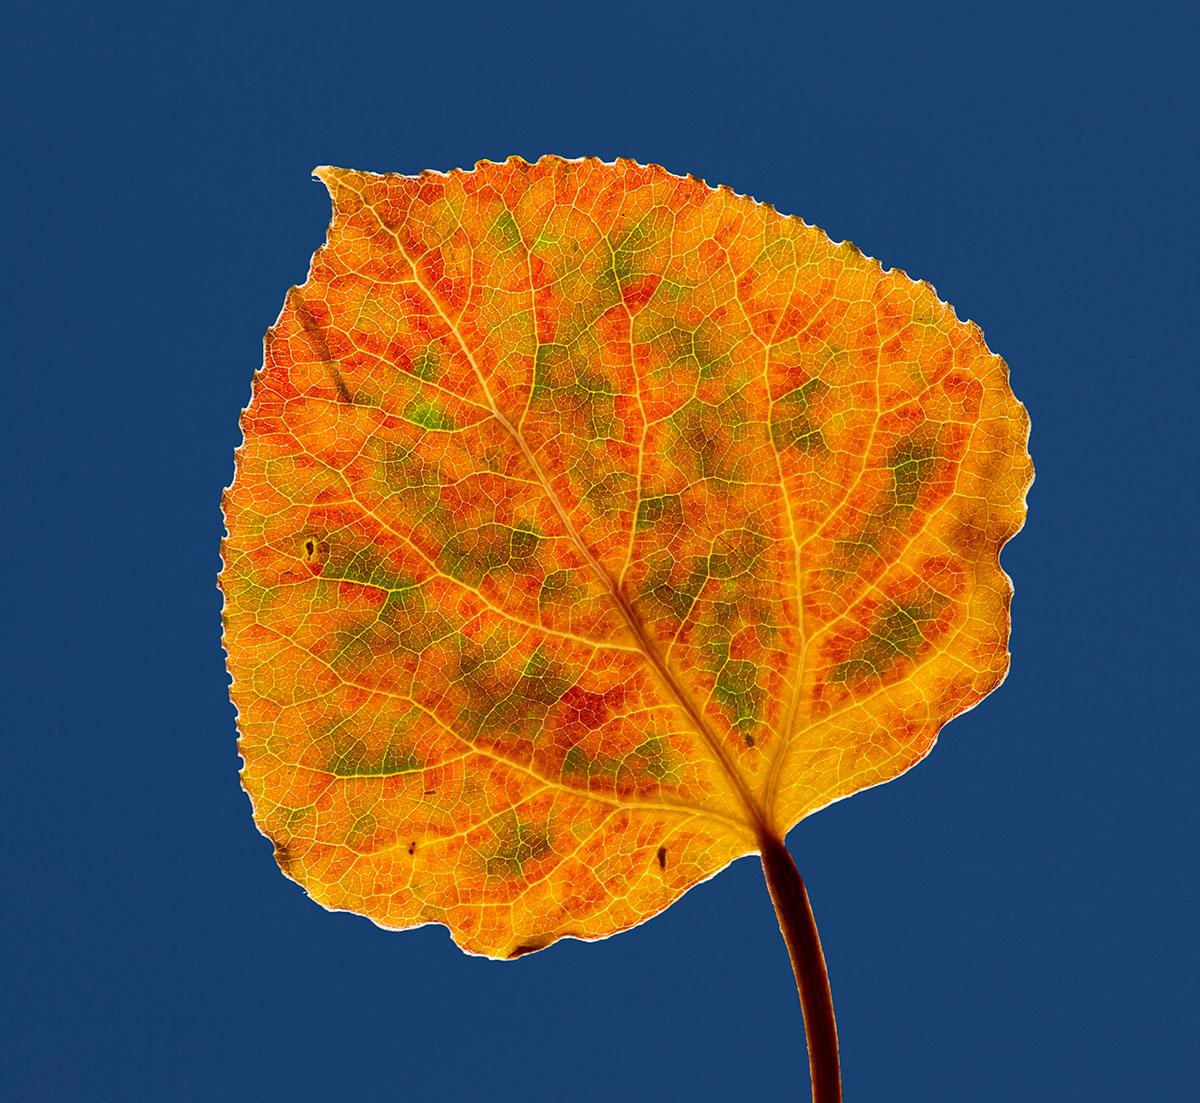 осиновый лист фото сон